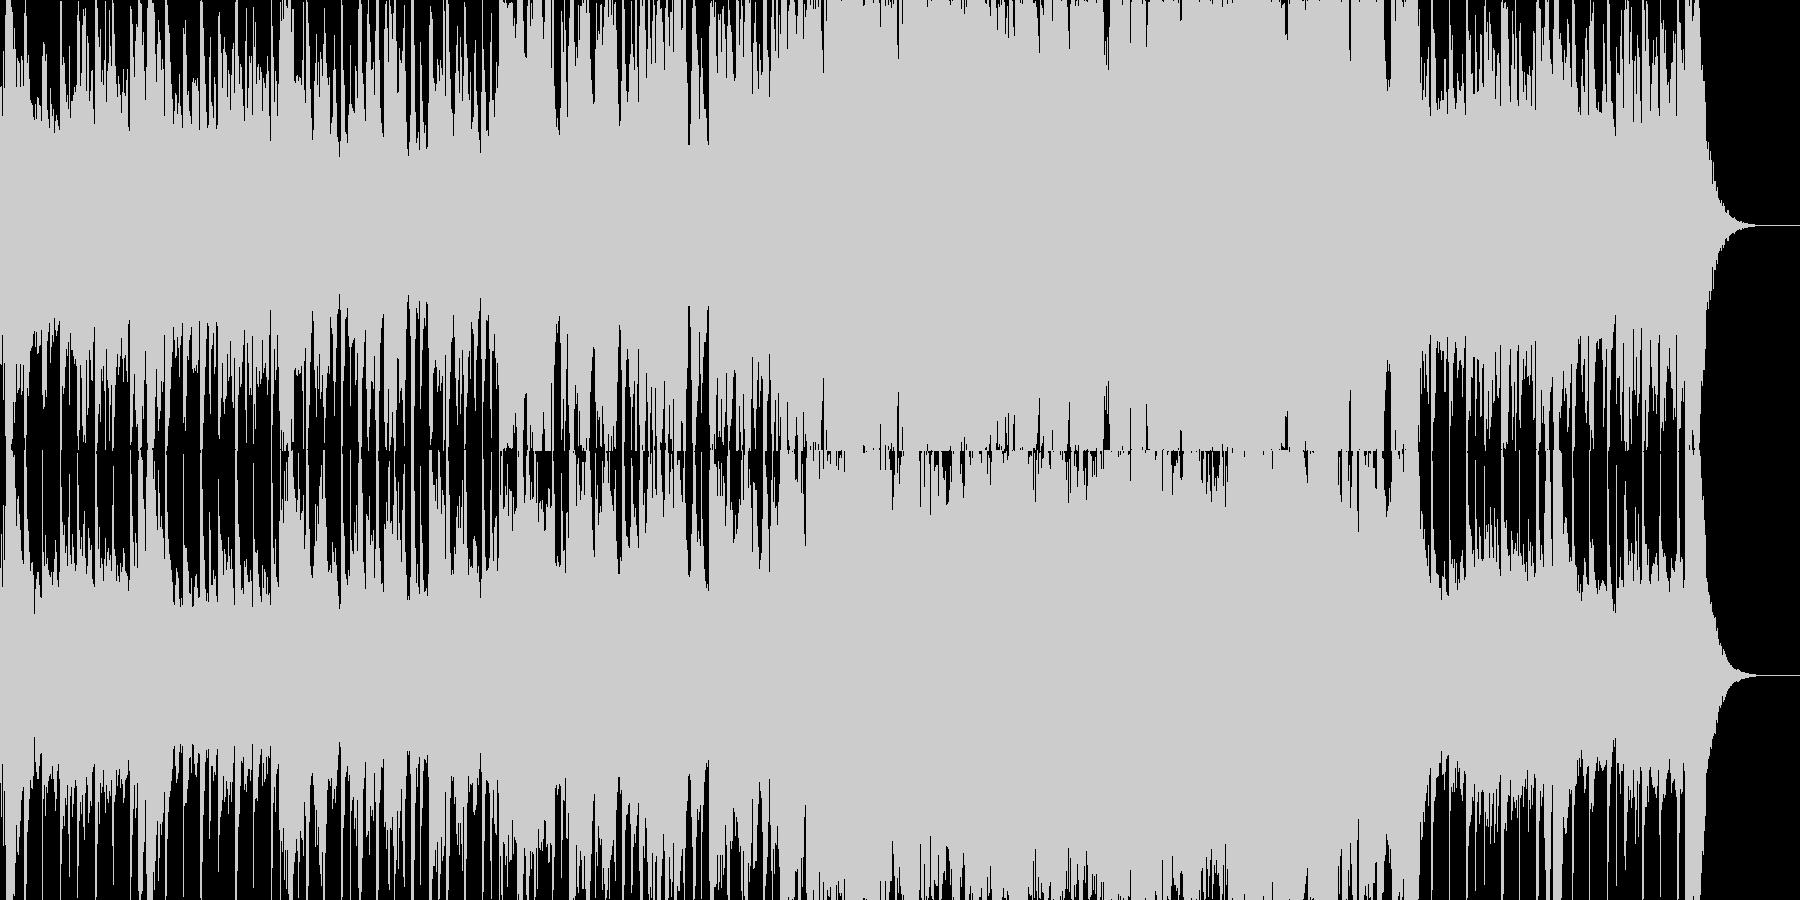 かっこいいオーケストラロックの未再生の波形